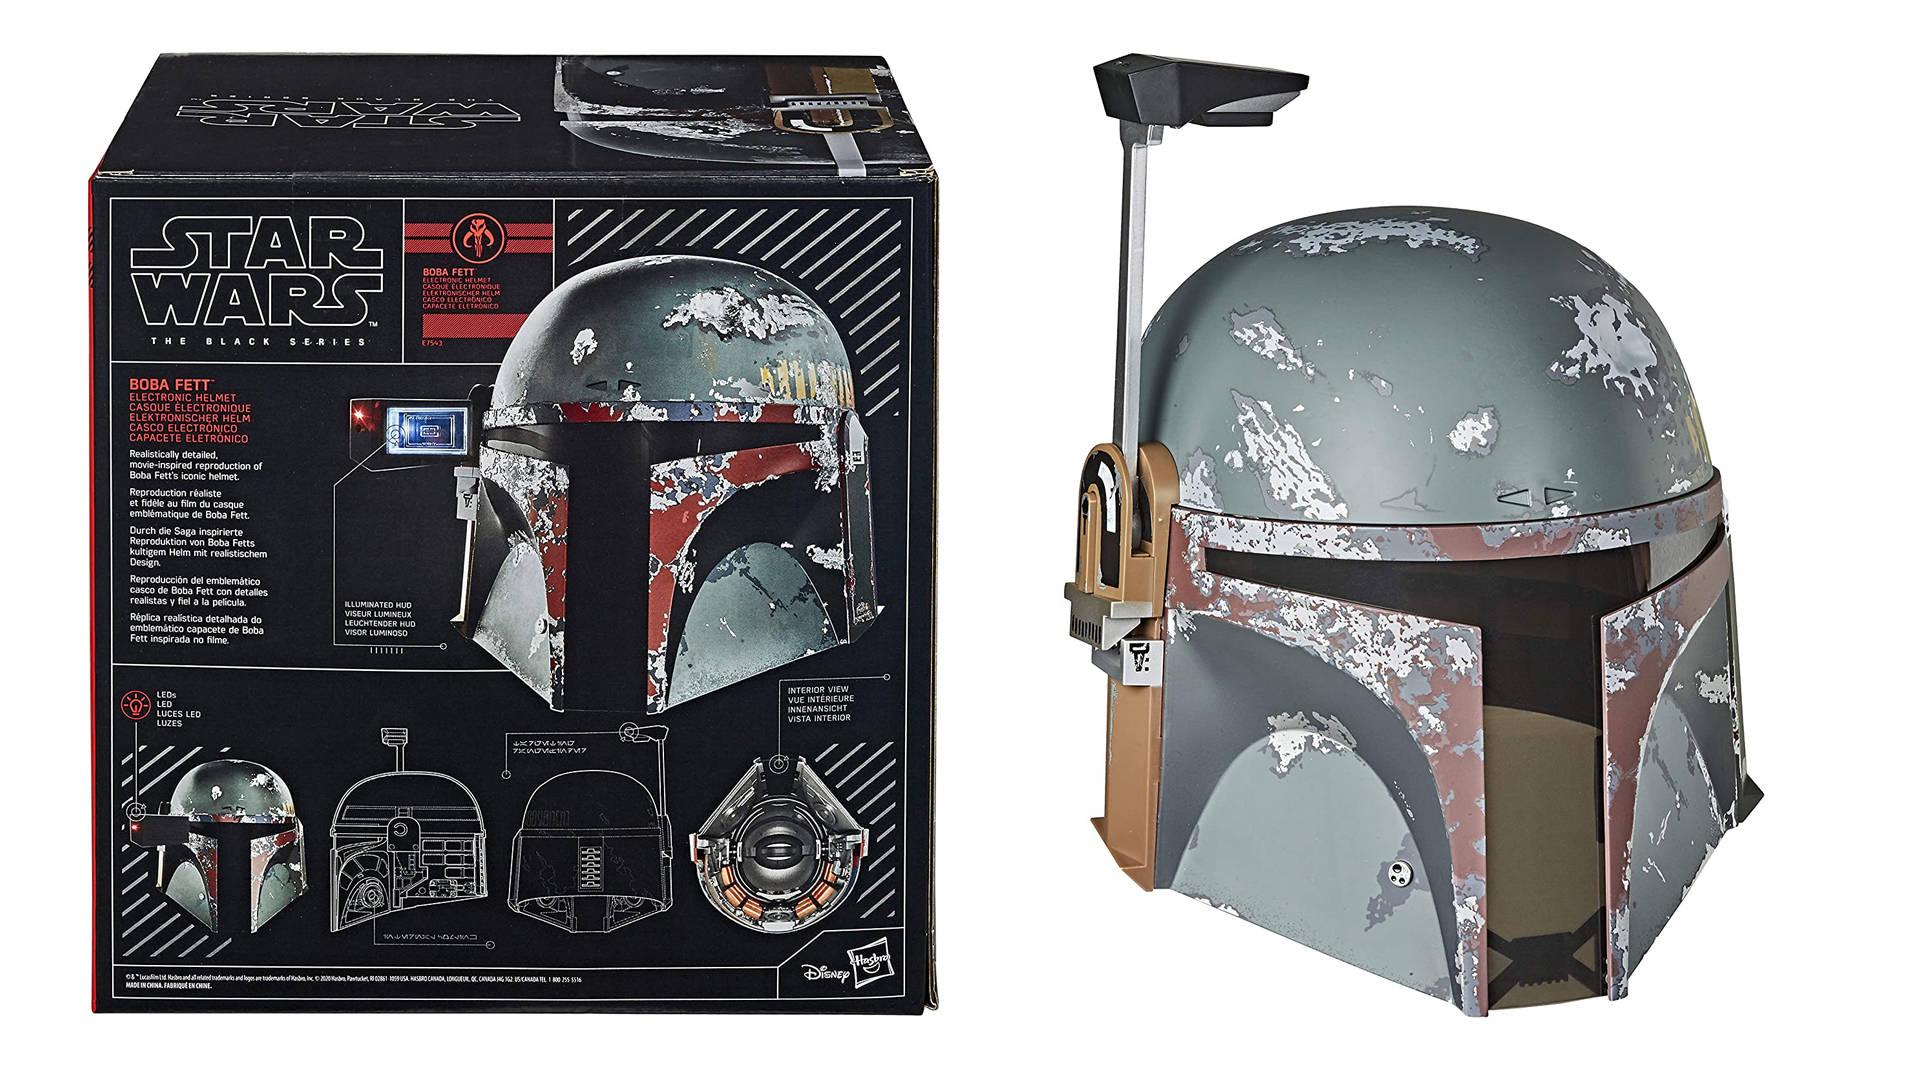 Star Wars Day Merch